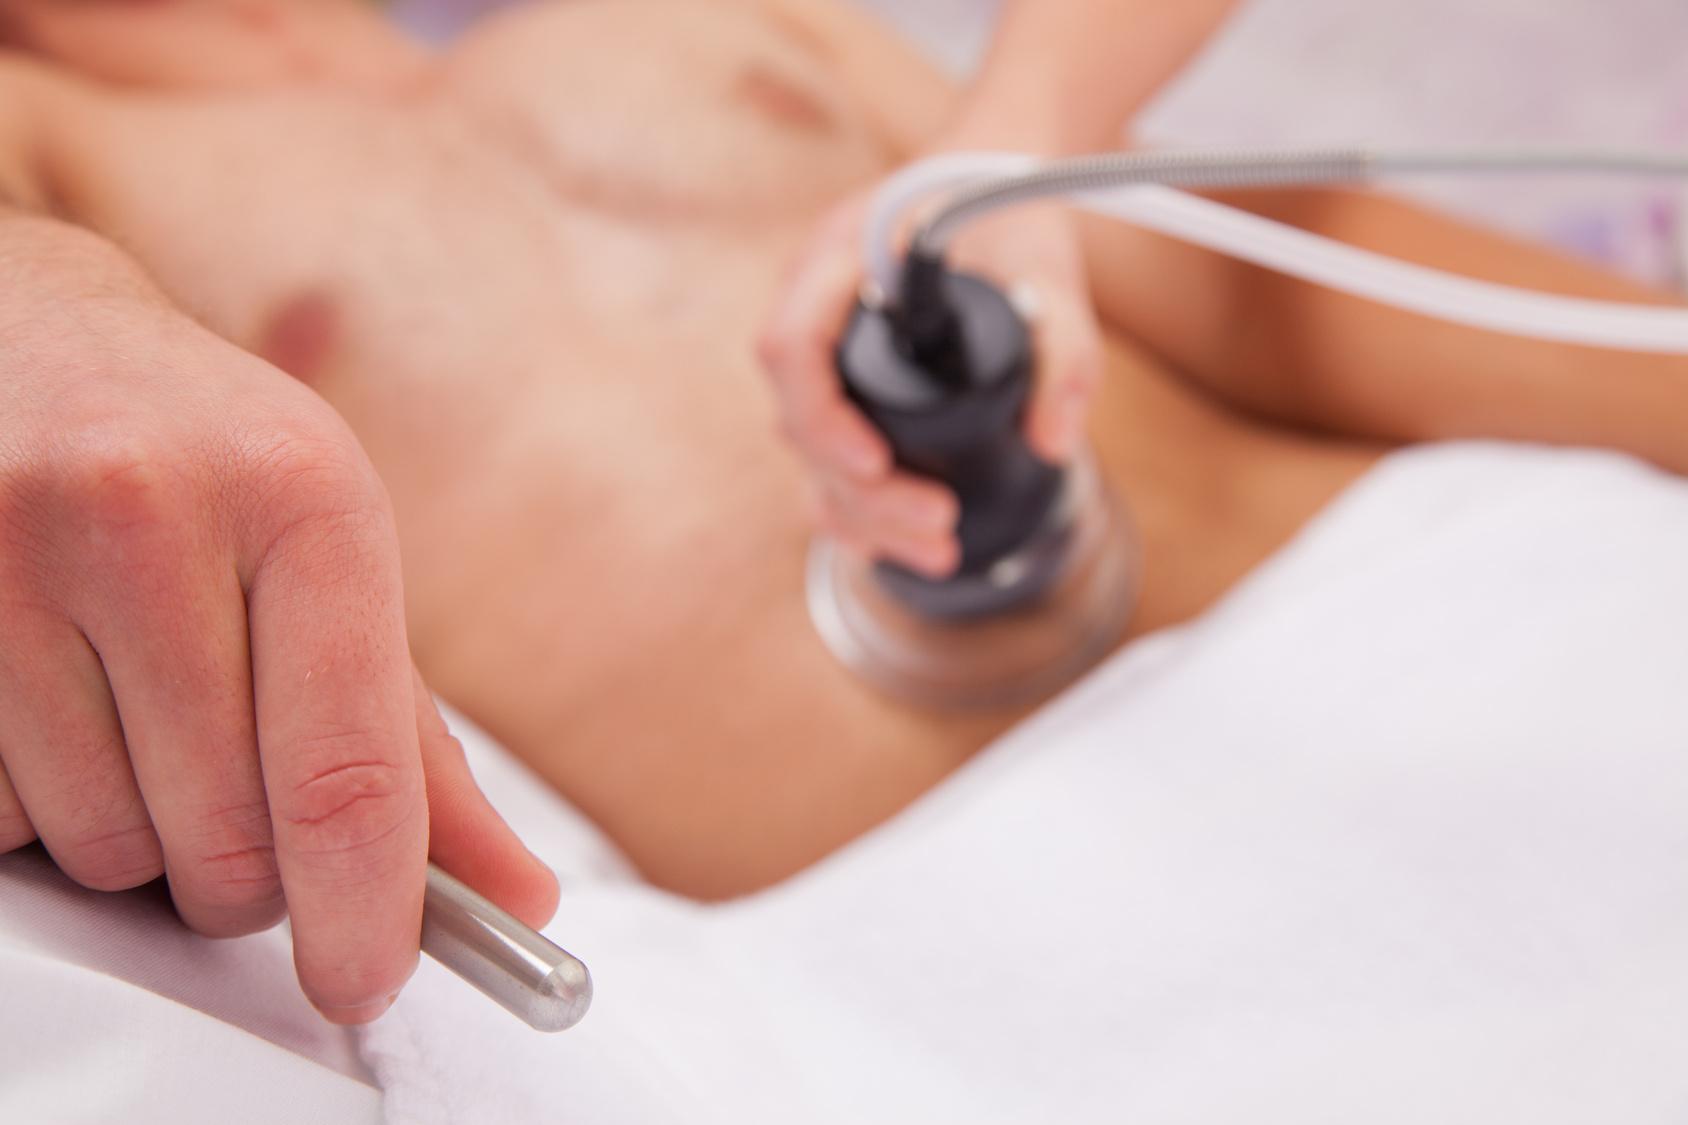 Liposcultura laser, liposuzione laser assistita e lipolisi